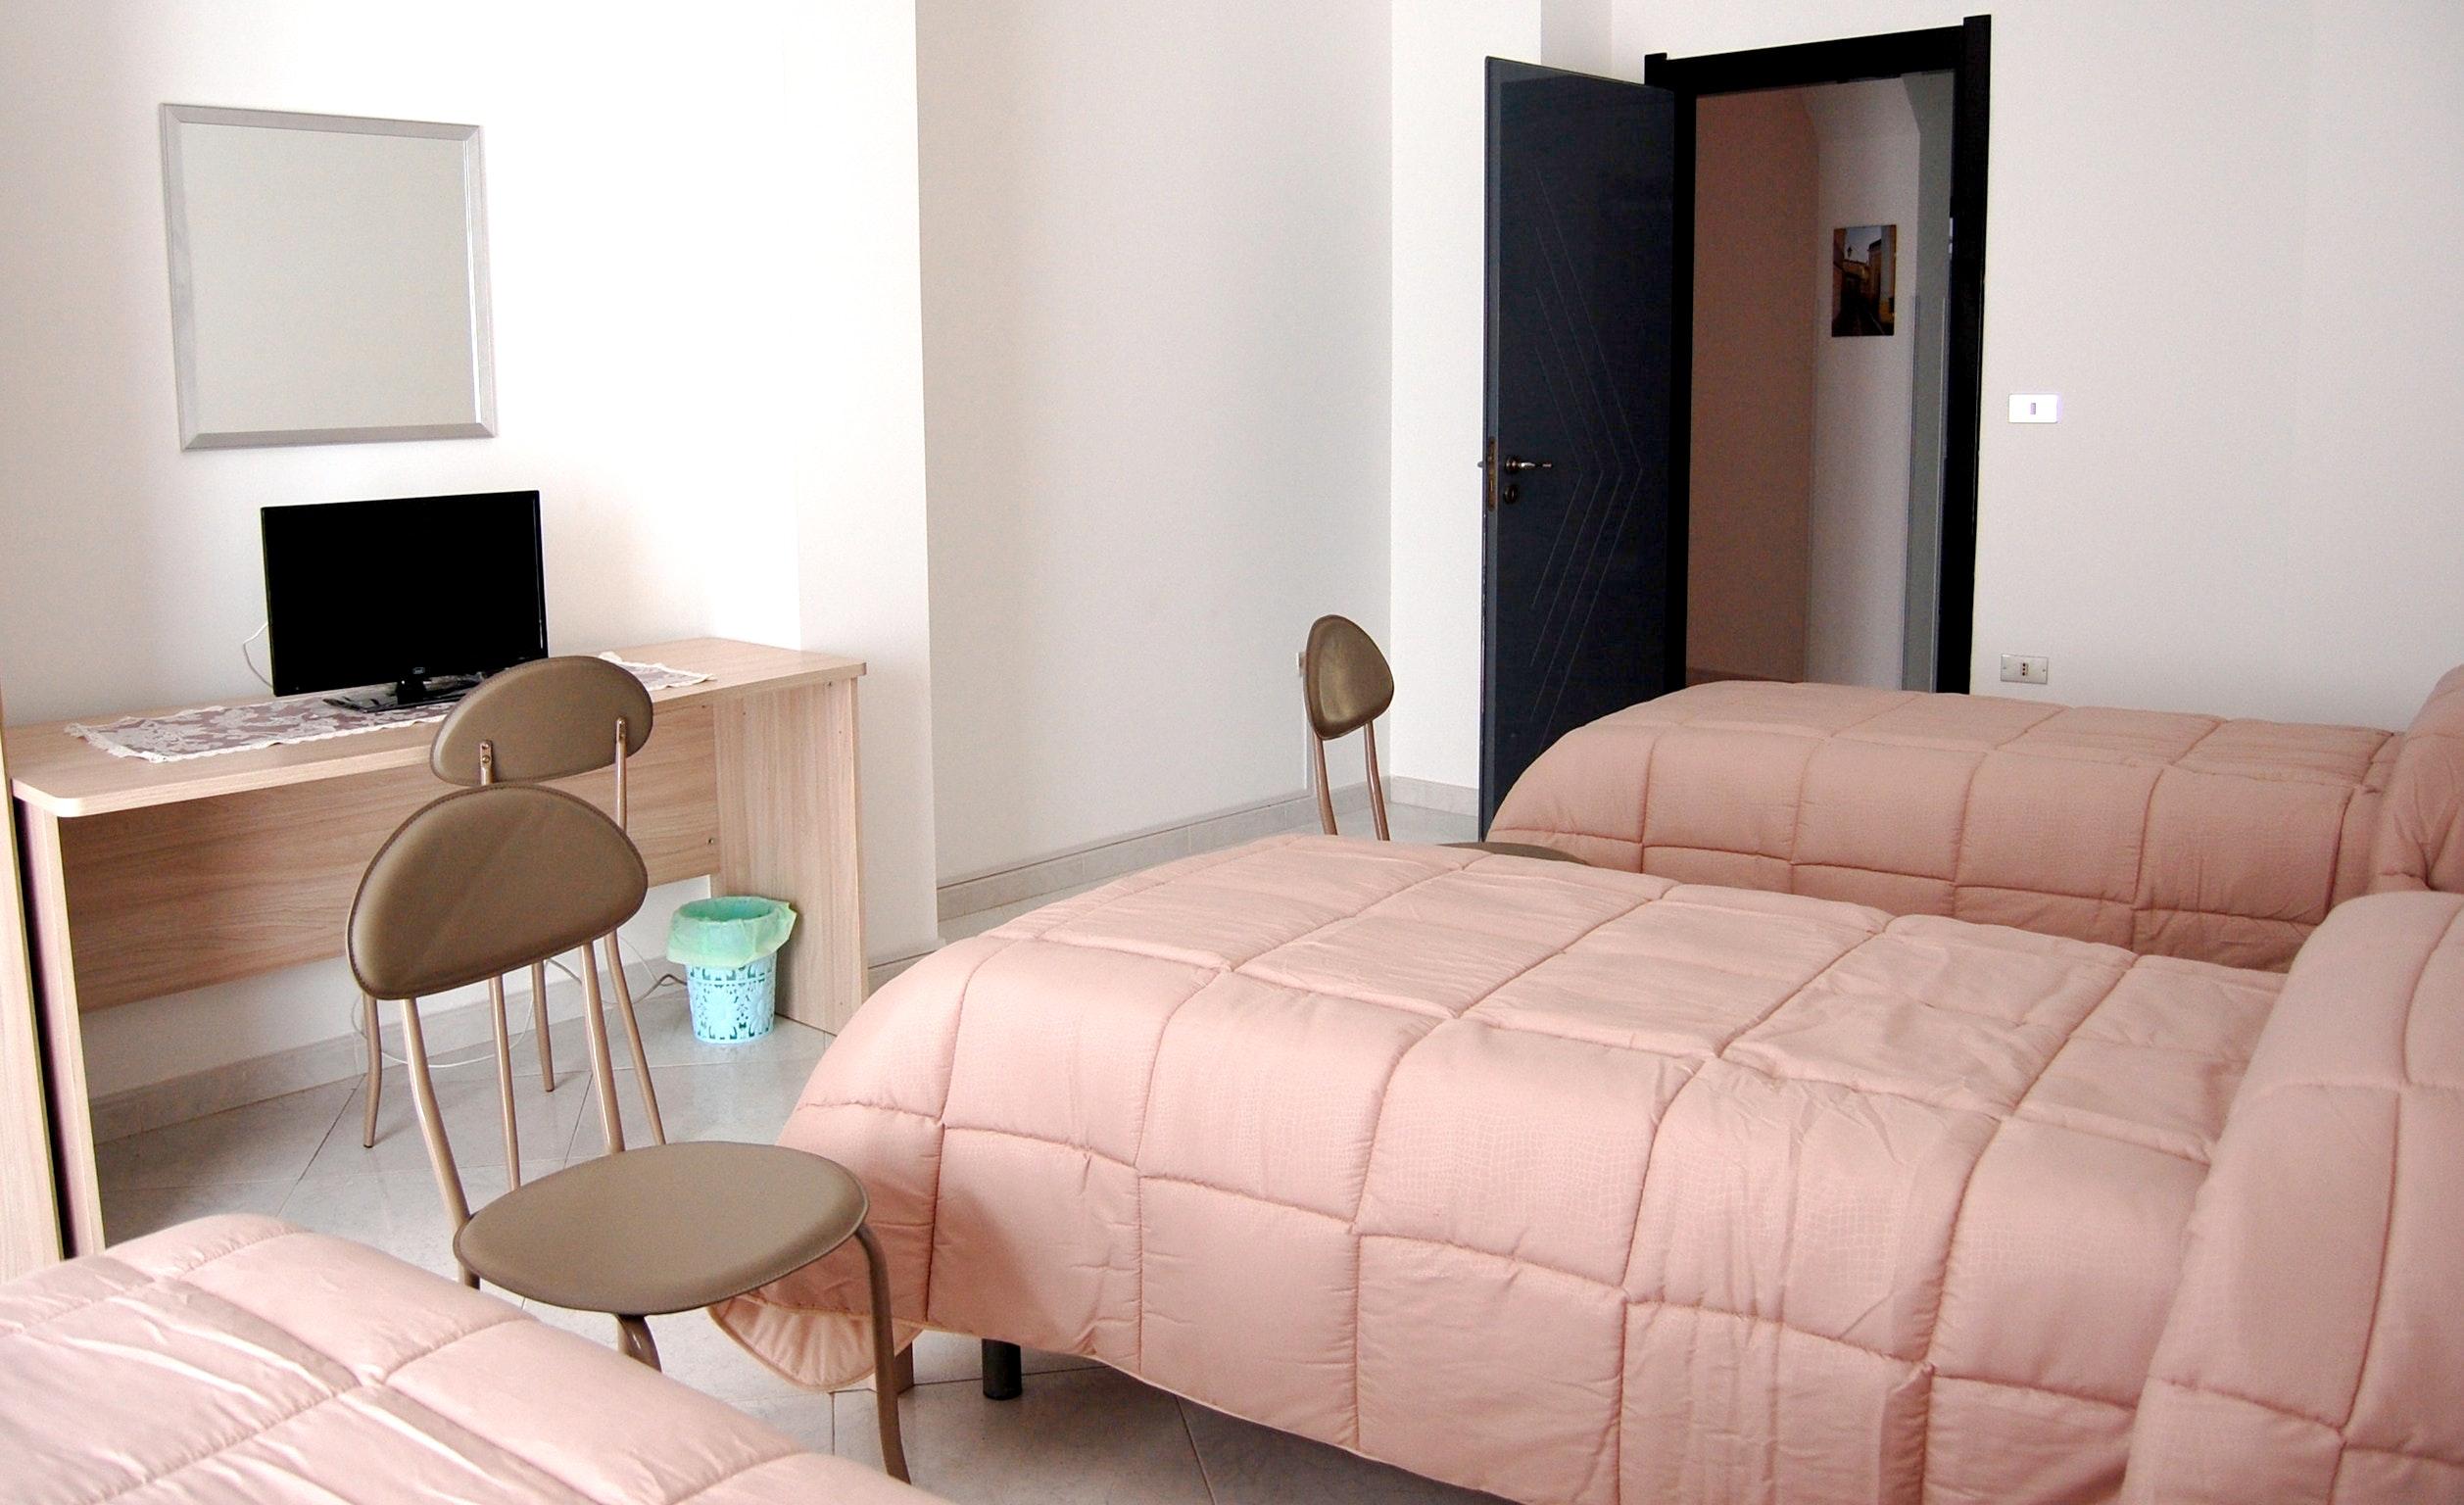 Ferienwohnung Wohnung mit 3 Schlafzimmern in Fardella mit schöner Aussicht auf die Stadt und möbliertem  (2566954), Francavilla sul Sinni, Potenza, Basilikata, Italien, Bild 12